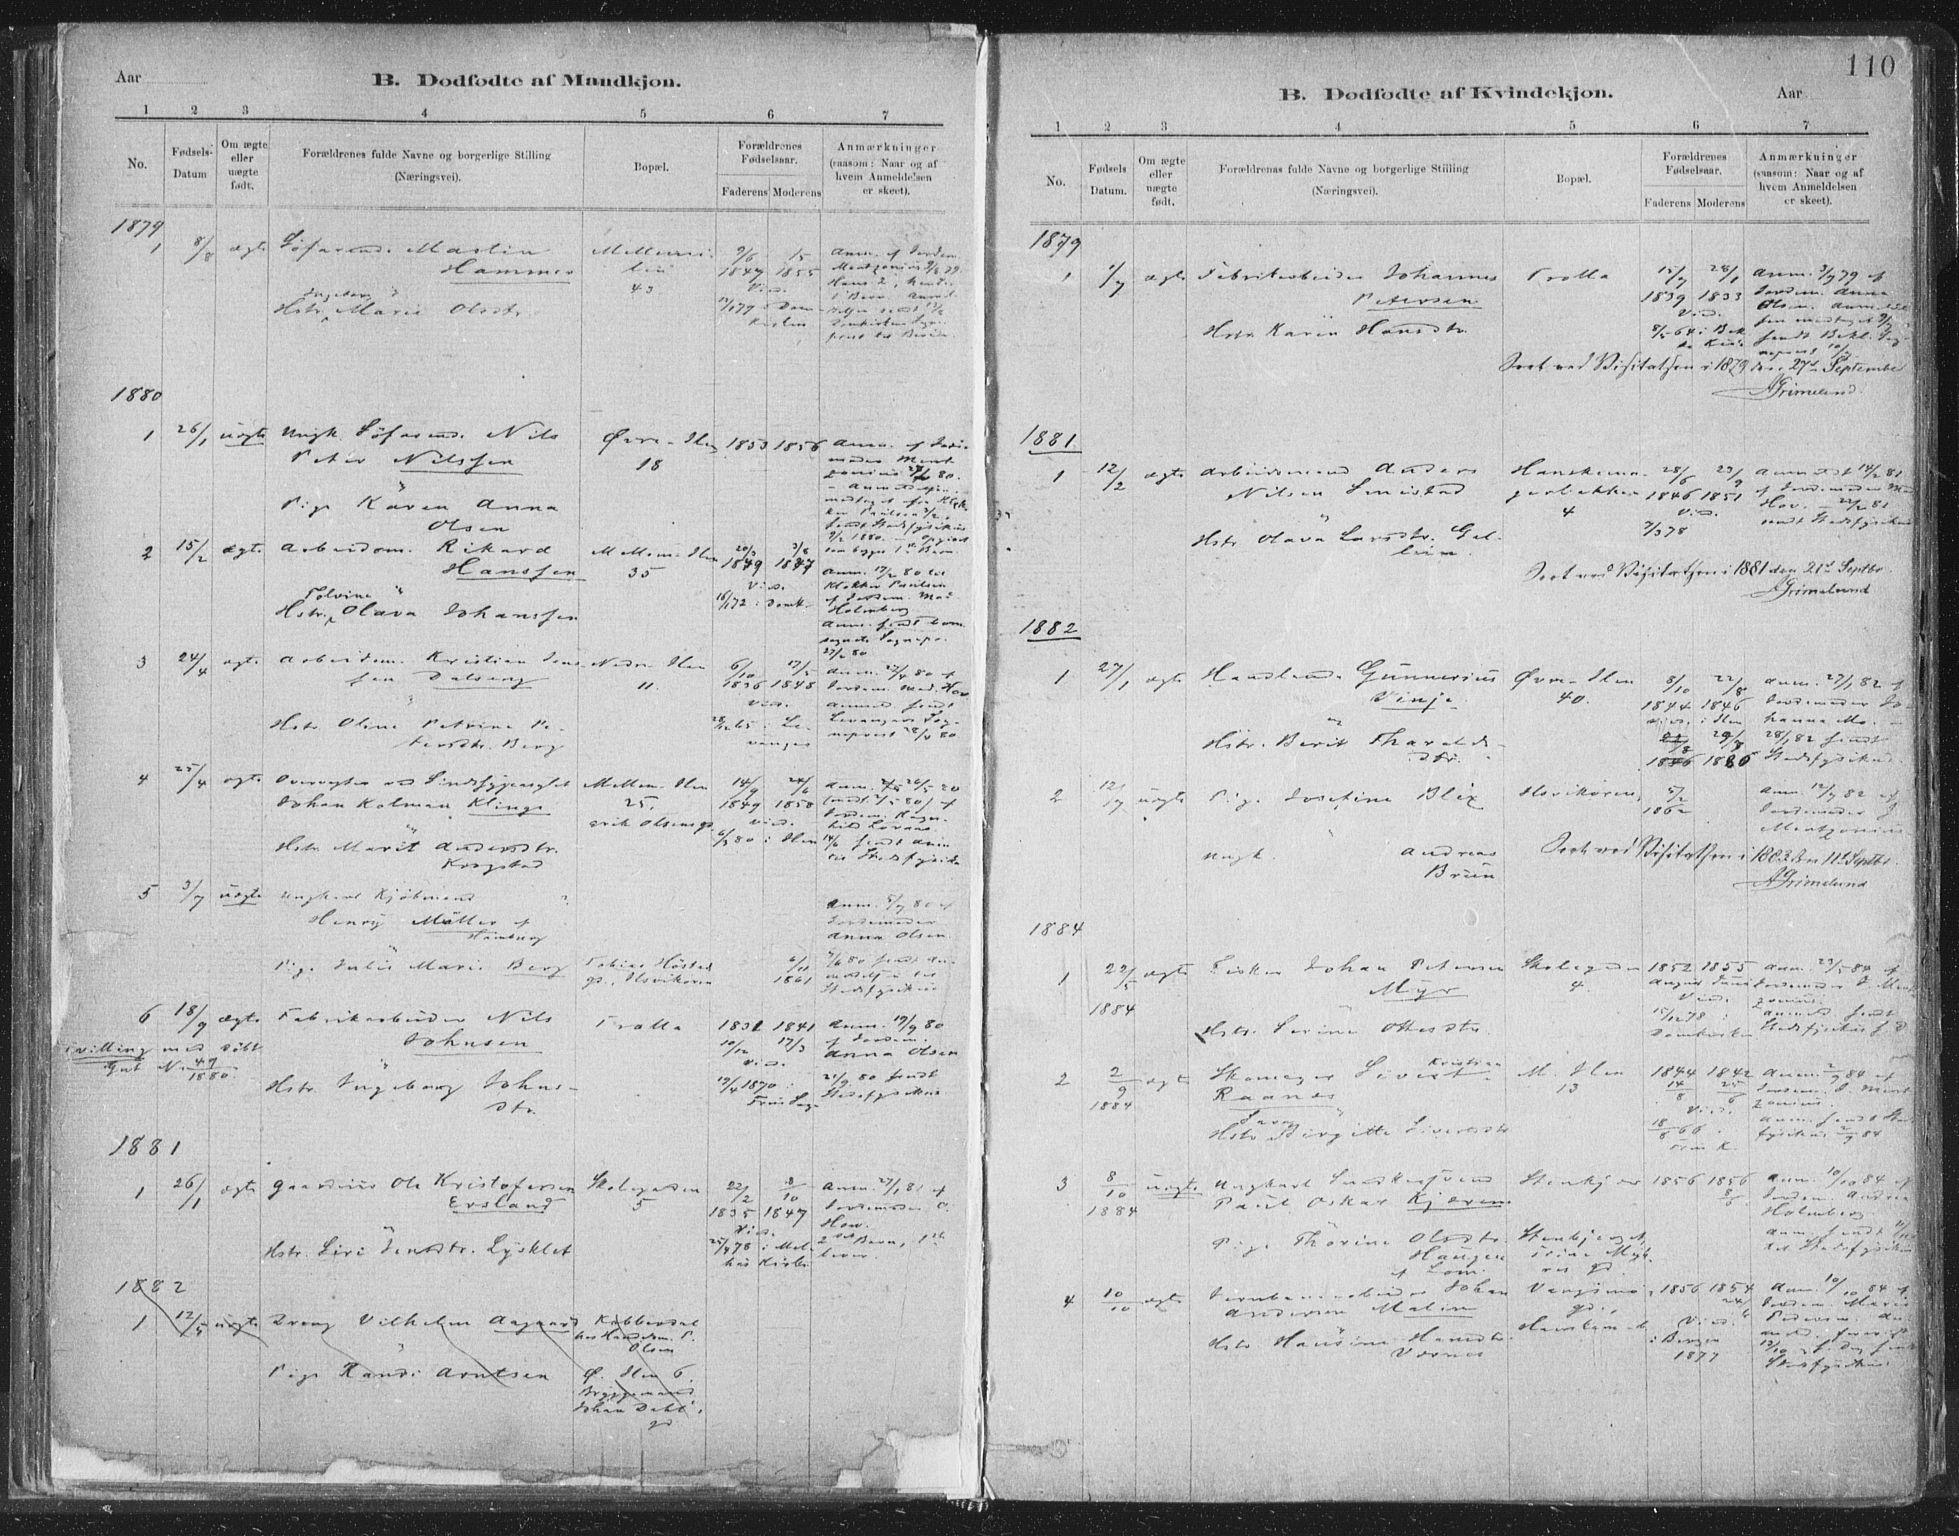 SAT, Ministerialprotokoller, klokkerbøker og fødselsregistre - Sør-Trøndelag, 603/L0162: Ministerialbok nr. 603A01, 1879-1895, s. 110